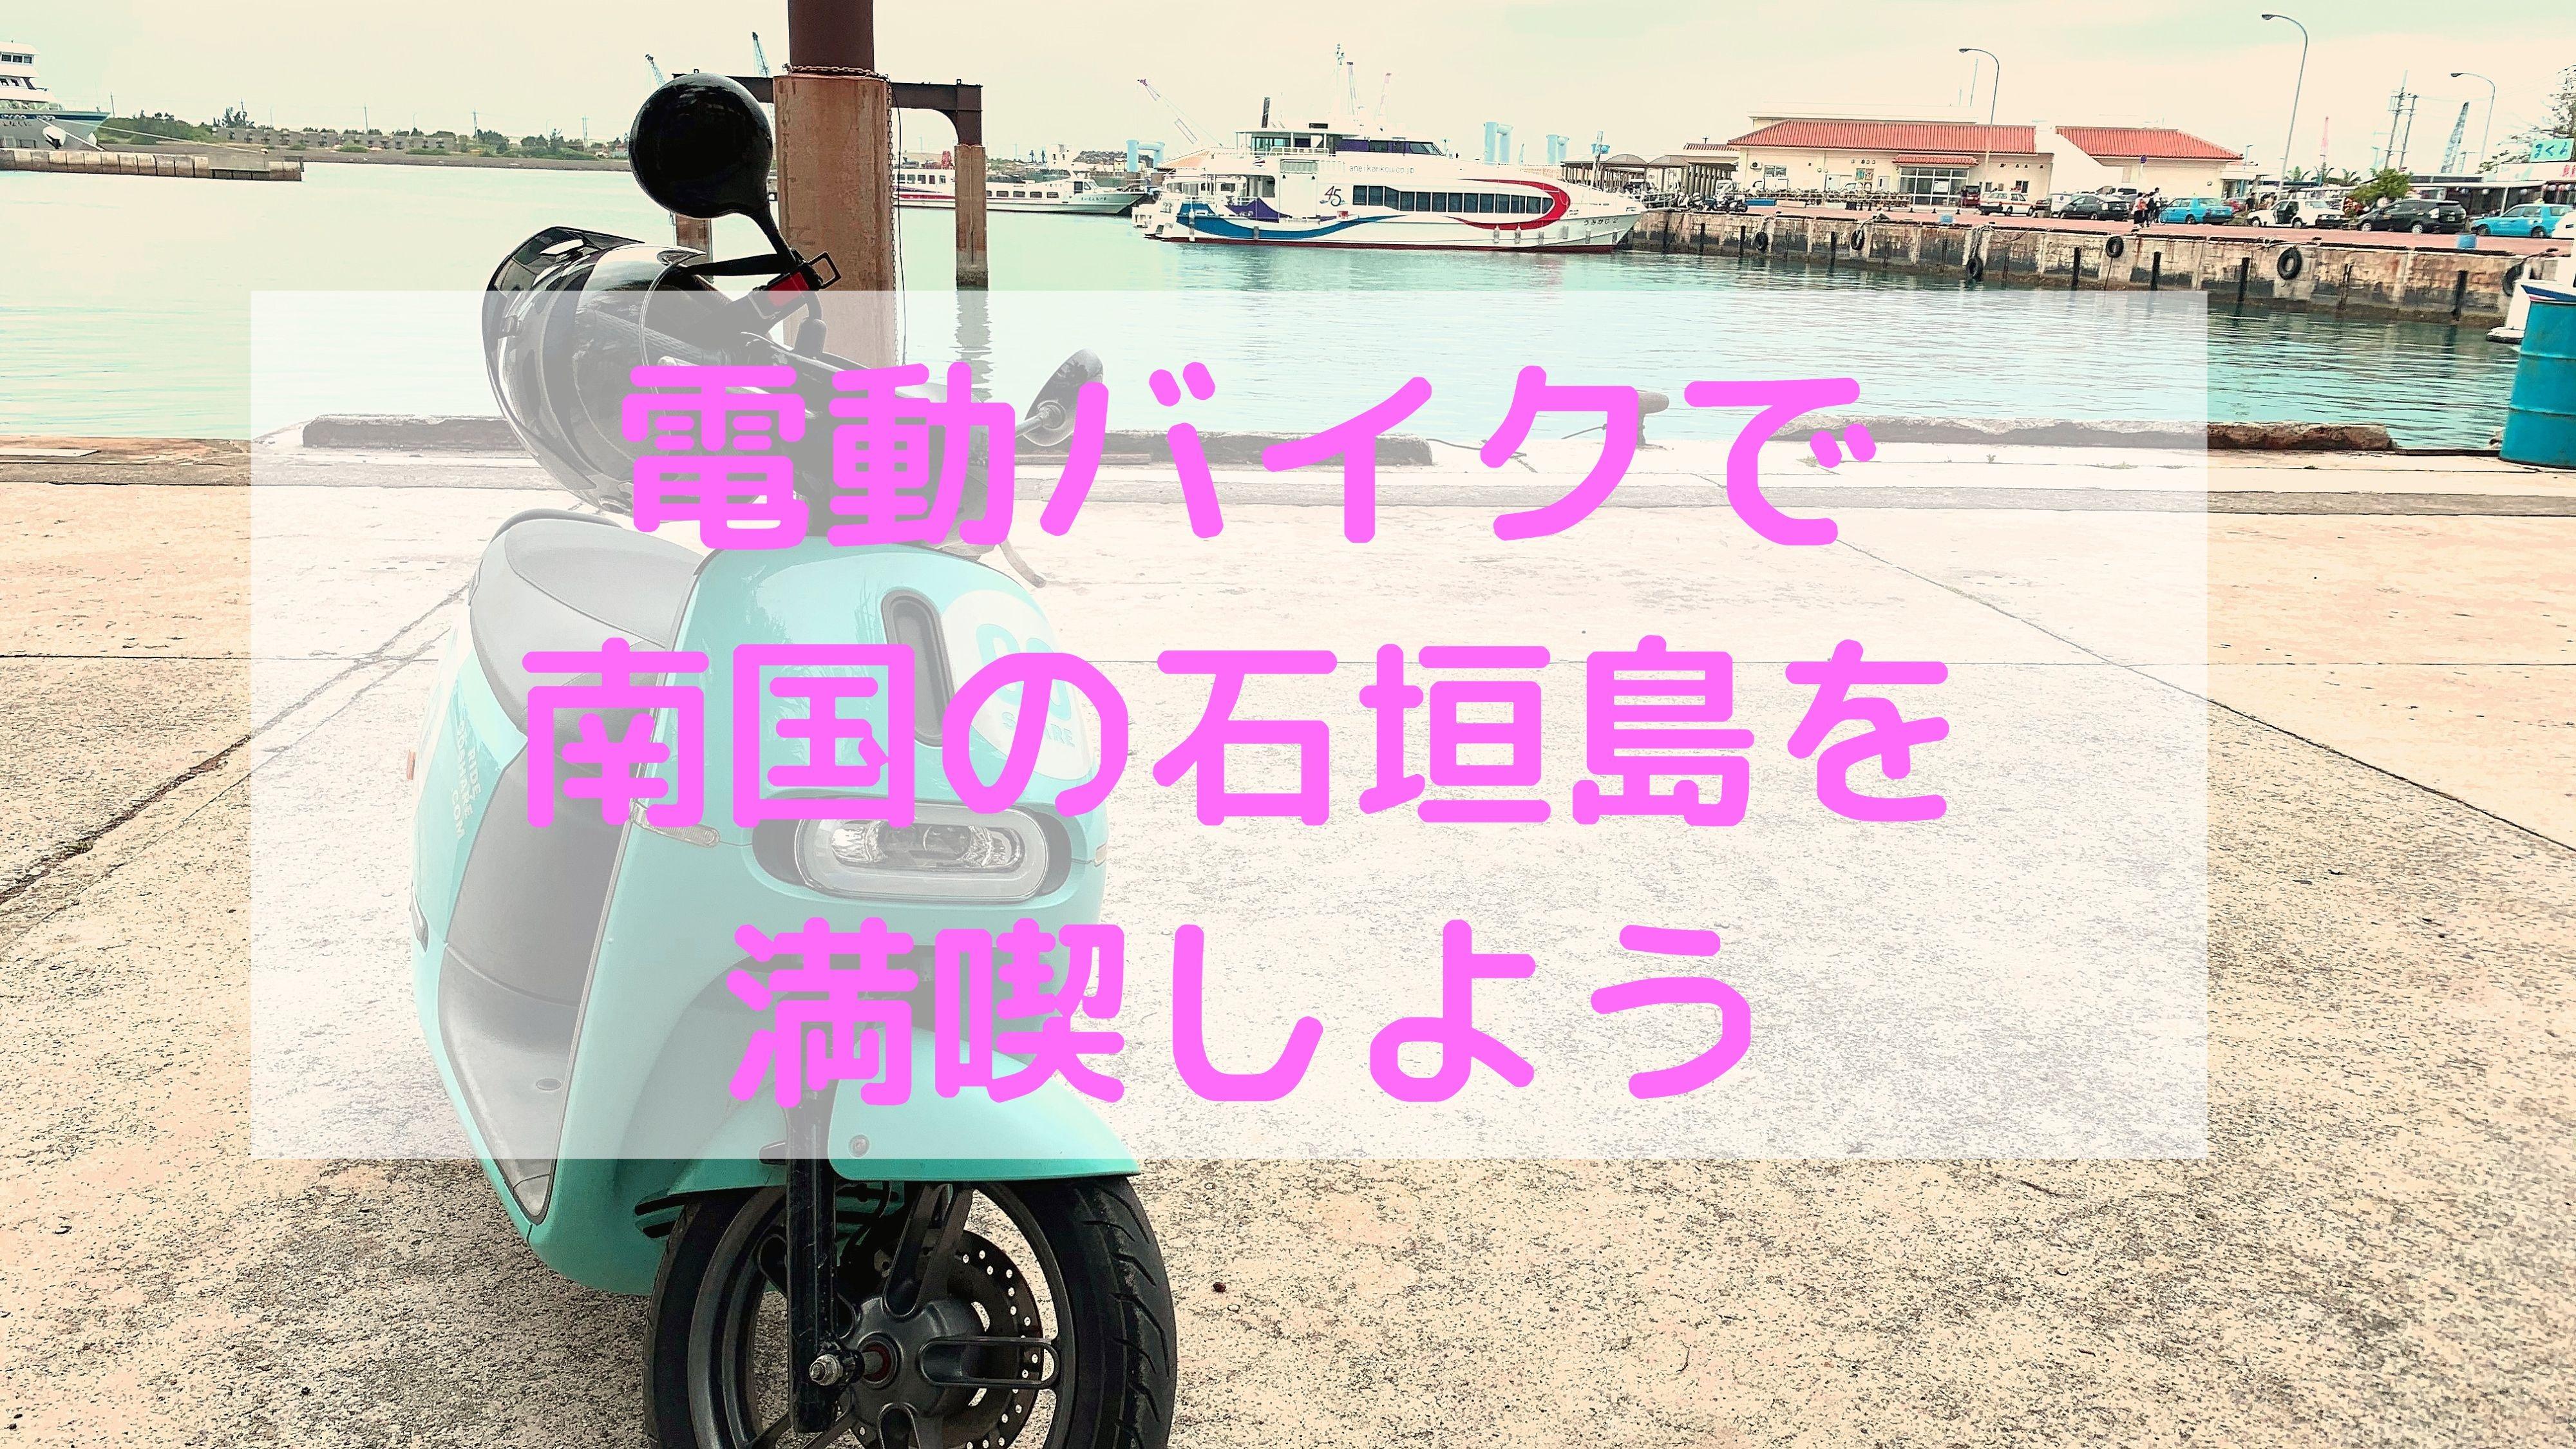 石垣島の電動バイクは超便利でお勧め!レンタカーだけじゃない!